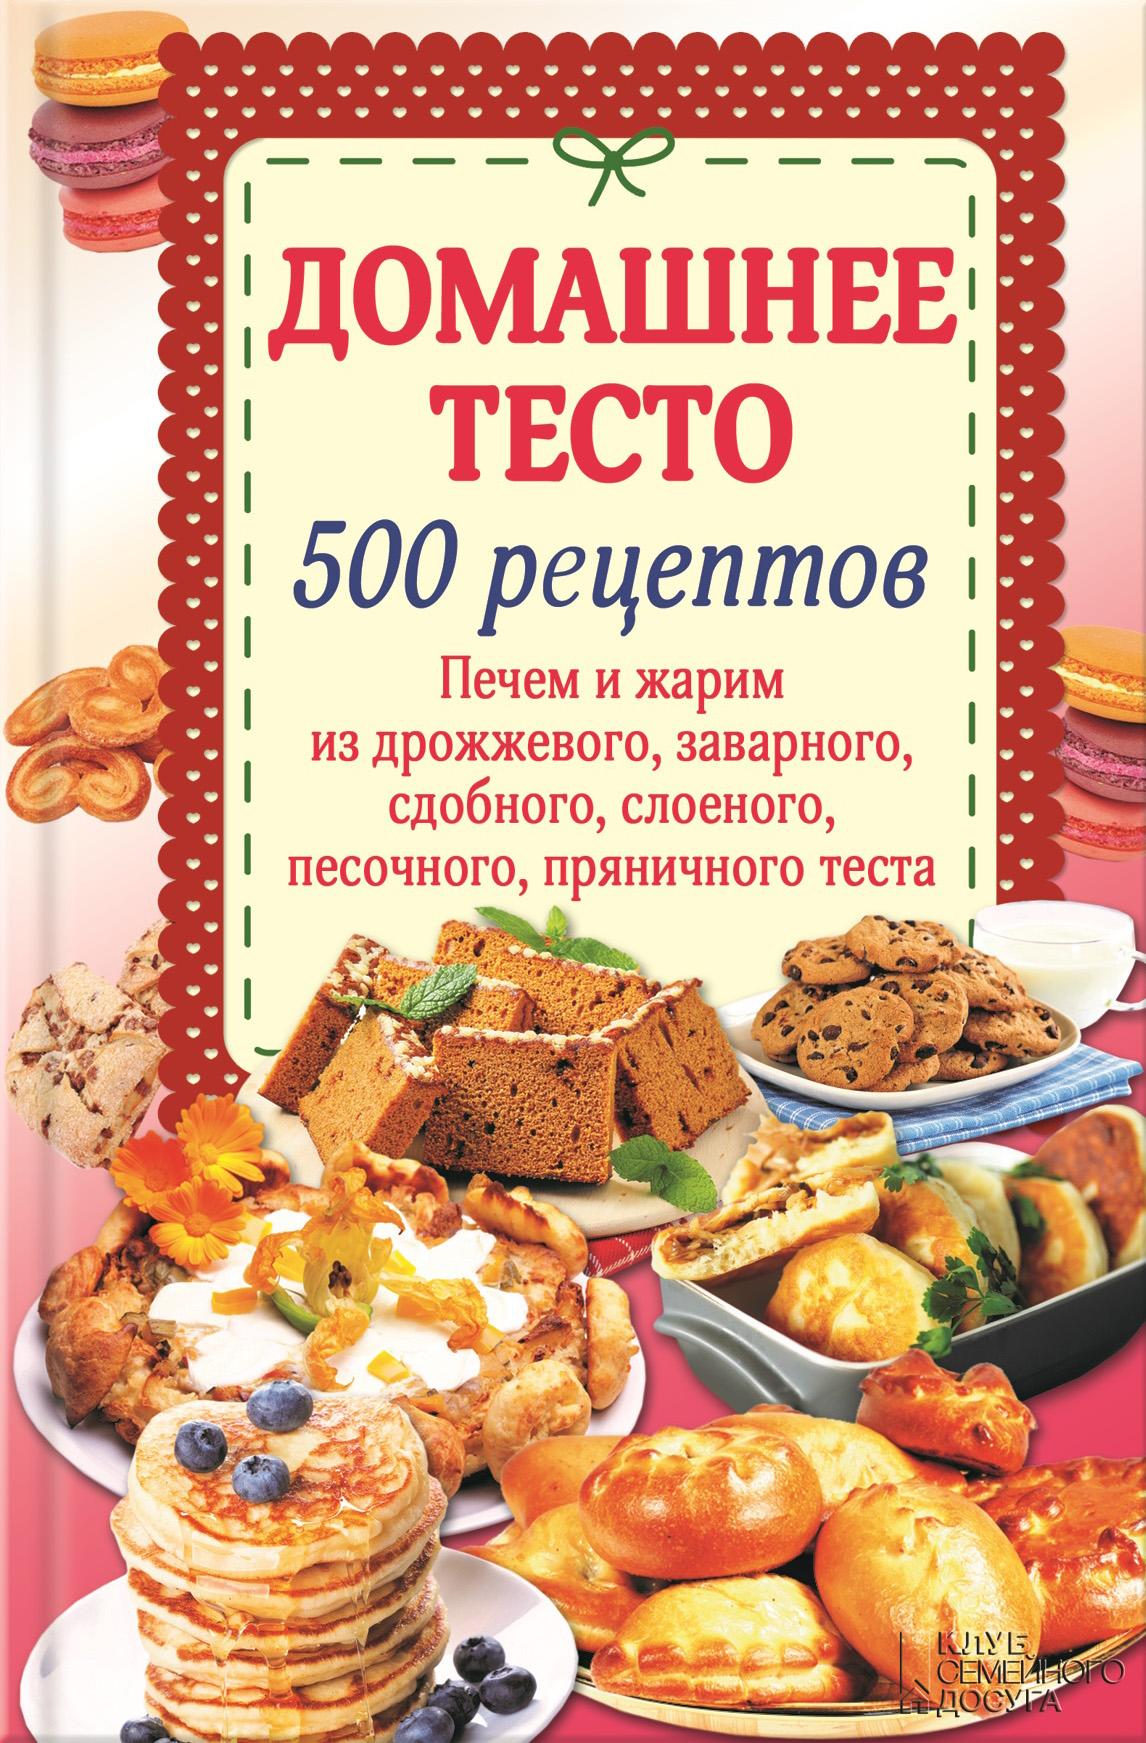 Отсутствует Домашнее тесто. 500 рецептов. Печем и жарим из дрожжевого, заварного, сдобного, слоеного, песочного, пряничного теста аэрогриль варим вкусно жарим быстро печем легко